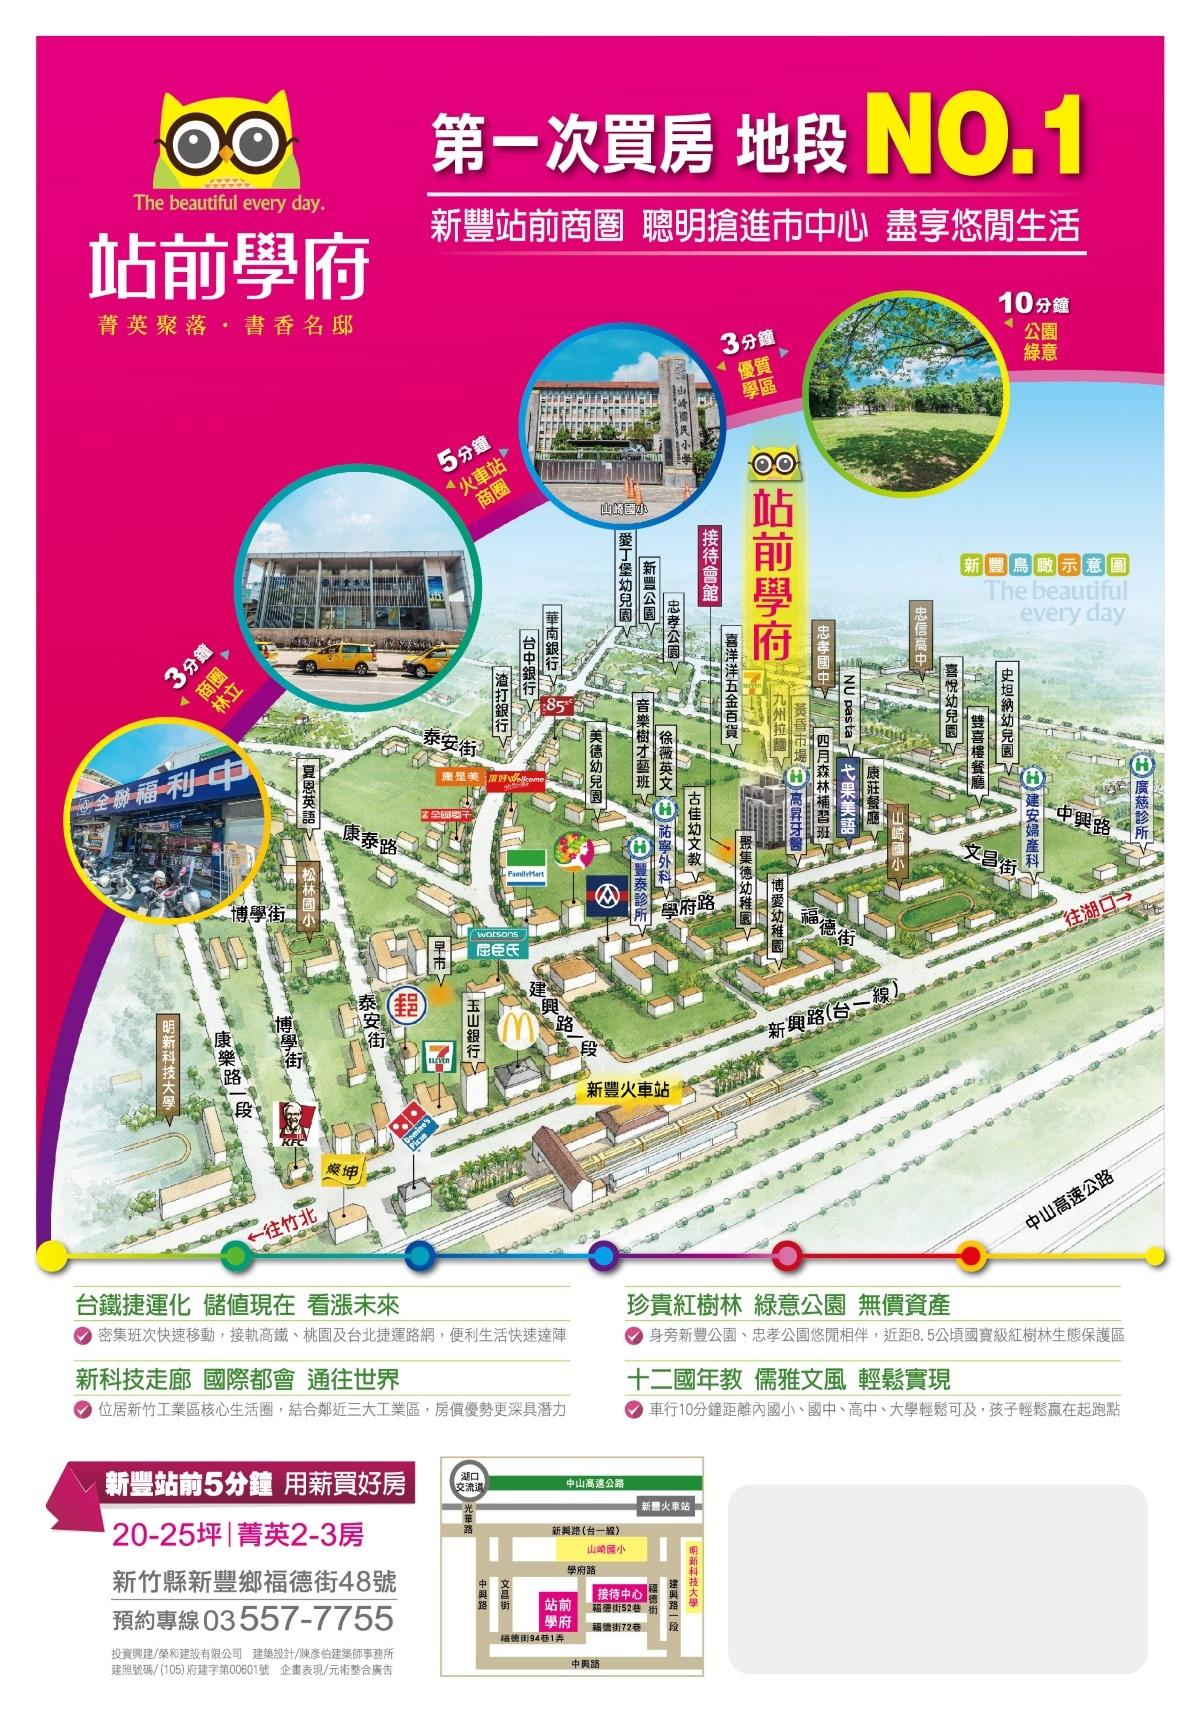 [新豐山崎]榮和建設-站前學府(大樓) 20170312-08.jpg